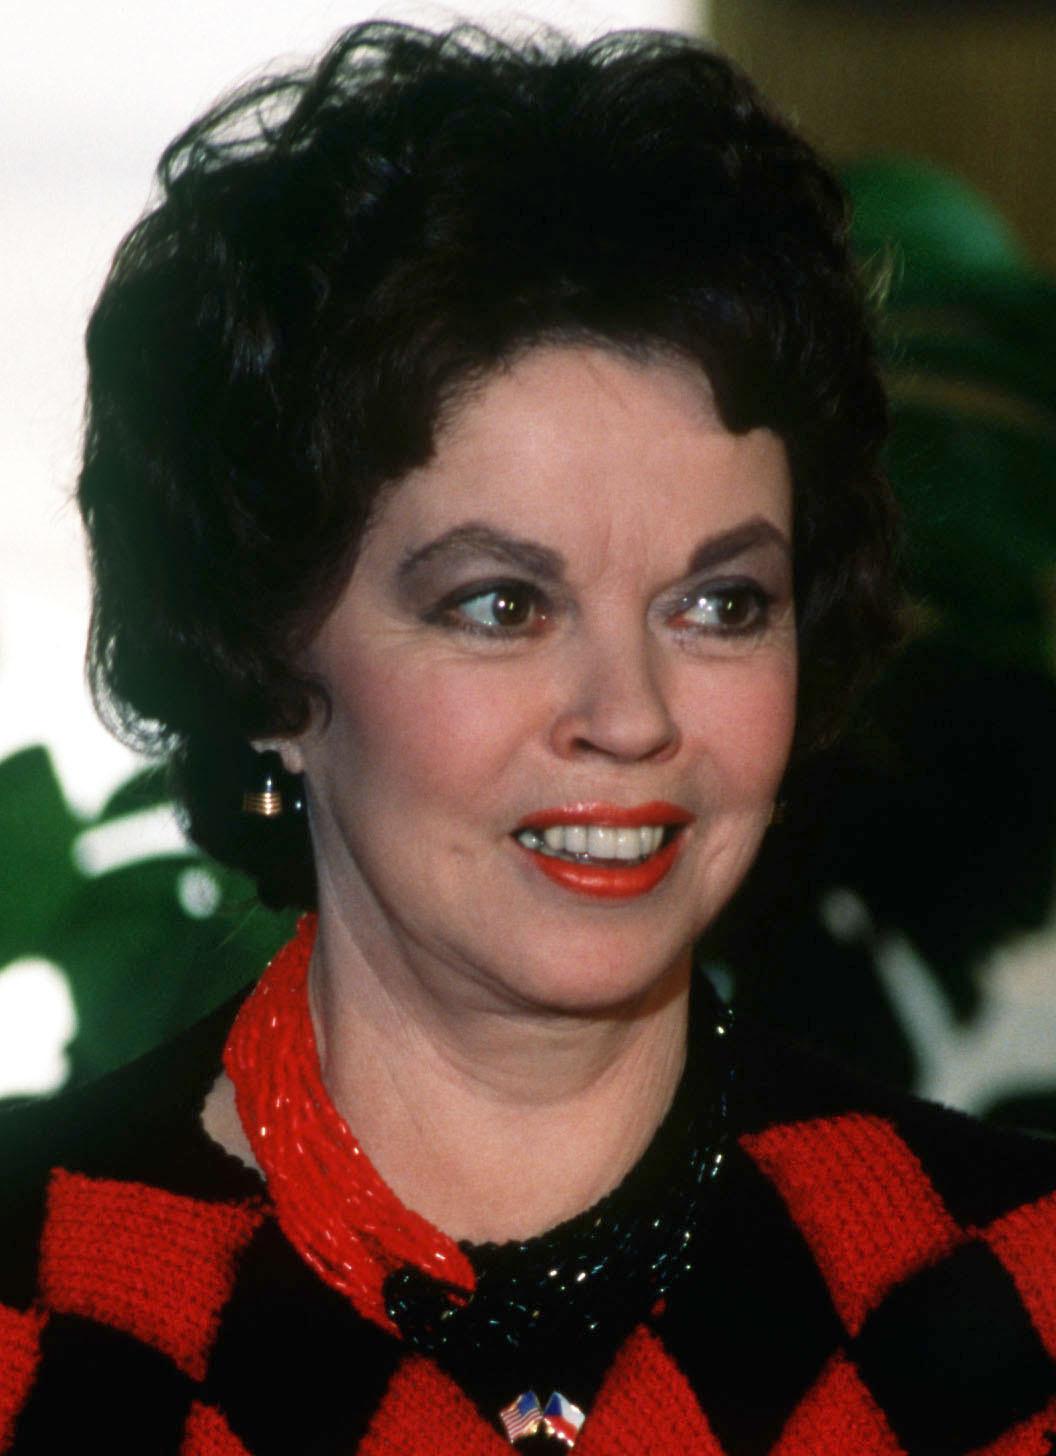 Photo Shirley Temple via Opendata BNF